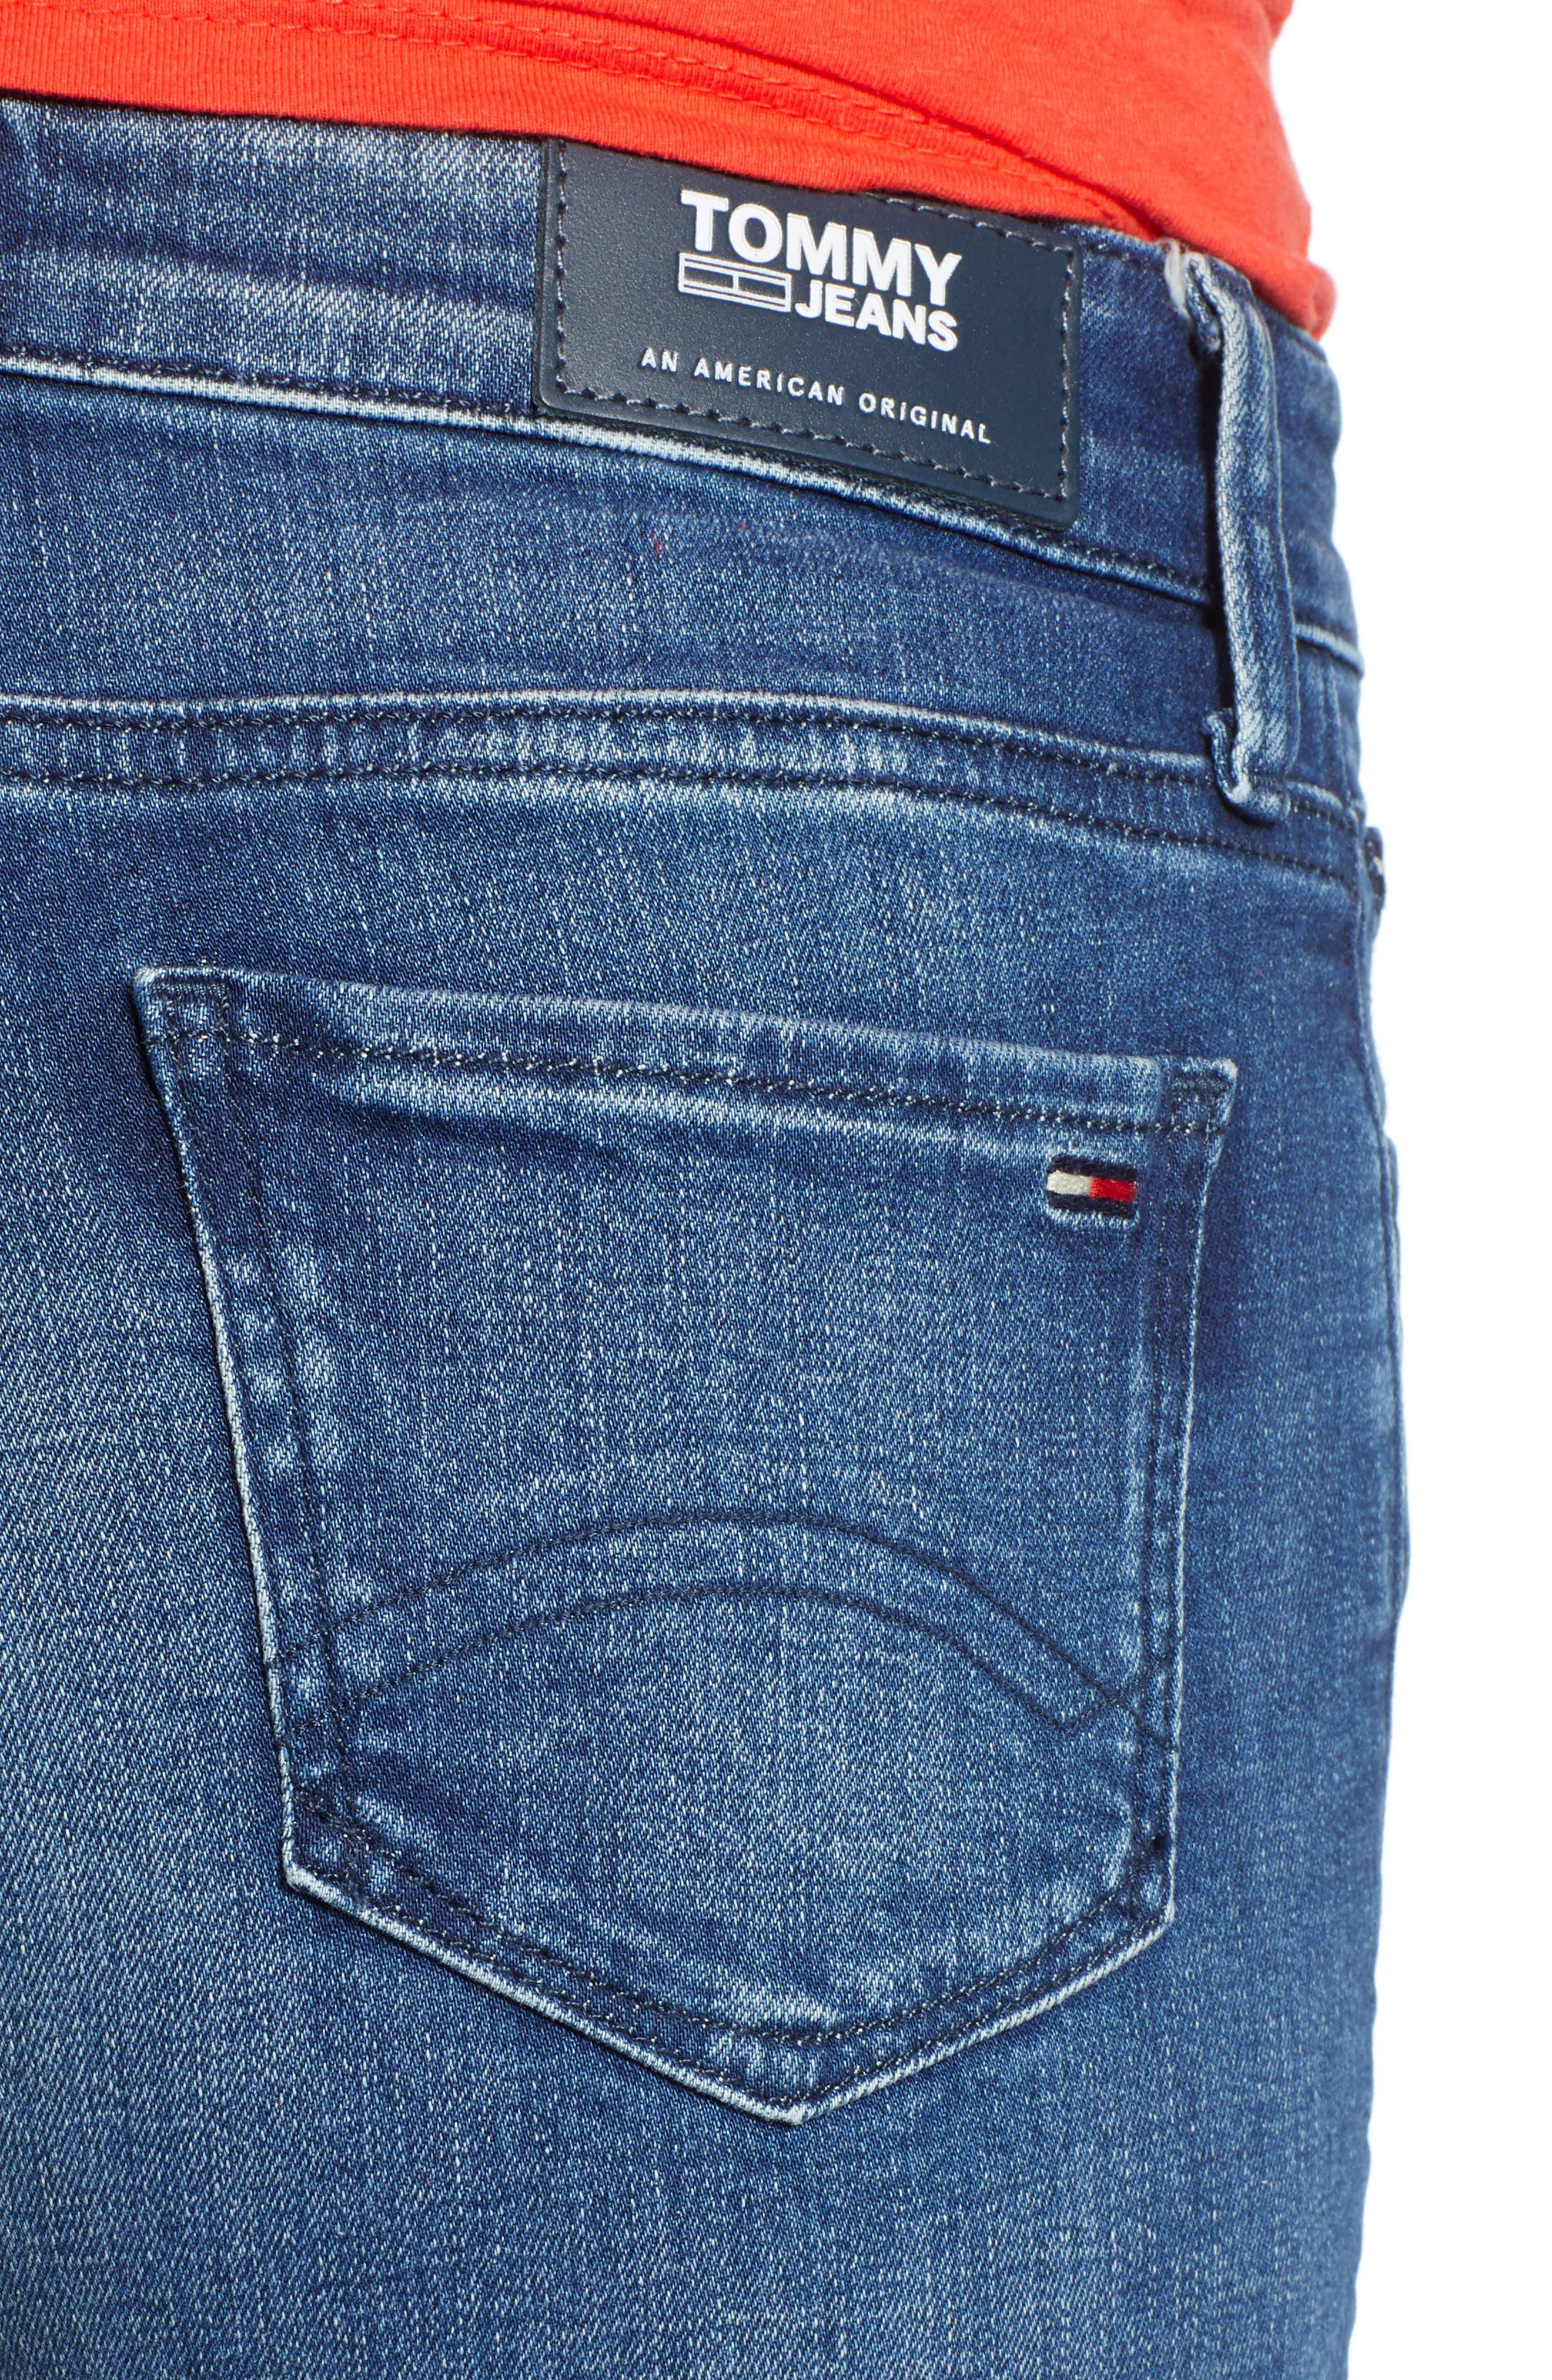 TJW Denim Shorts,                             Alternate thumbnail 6, color,                             Newport Blue